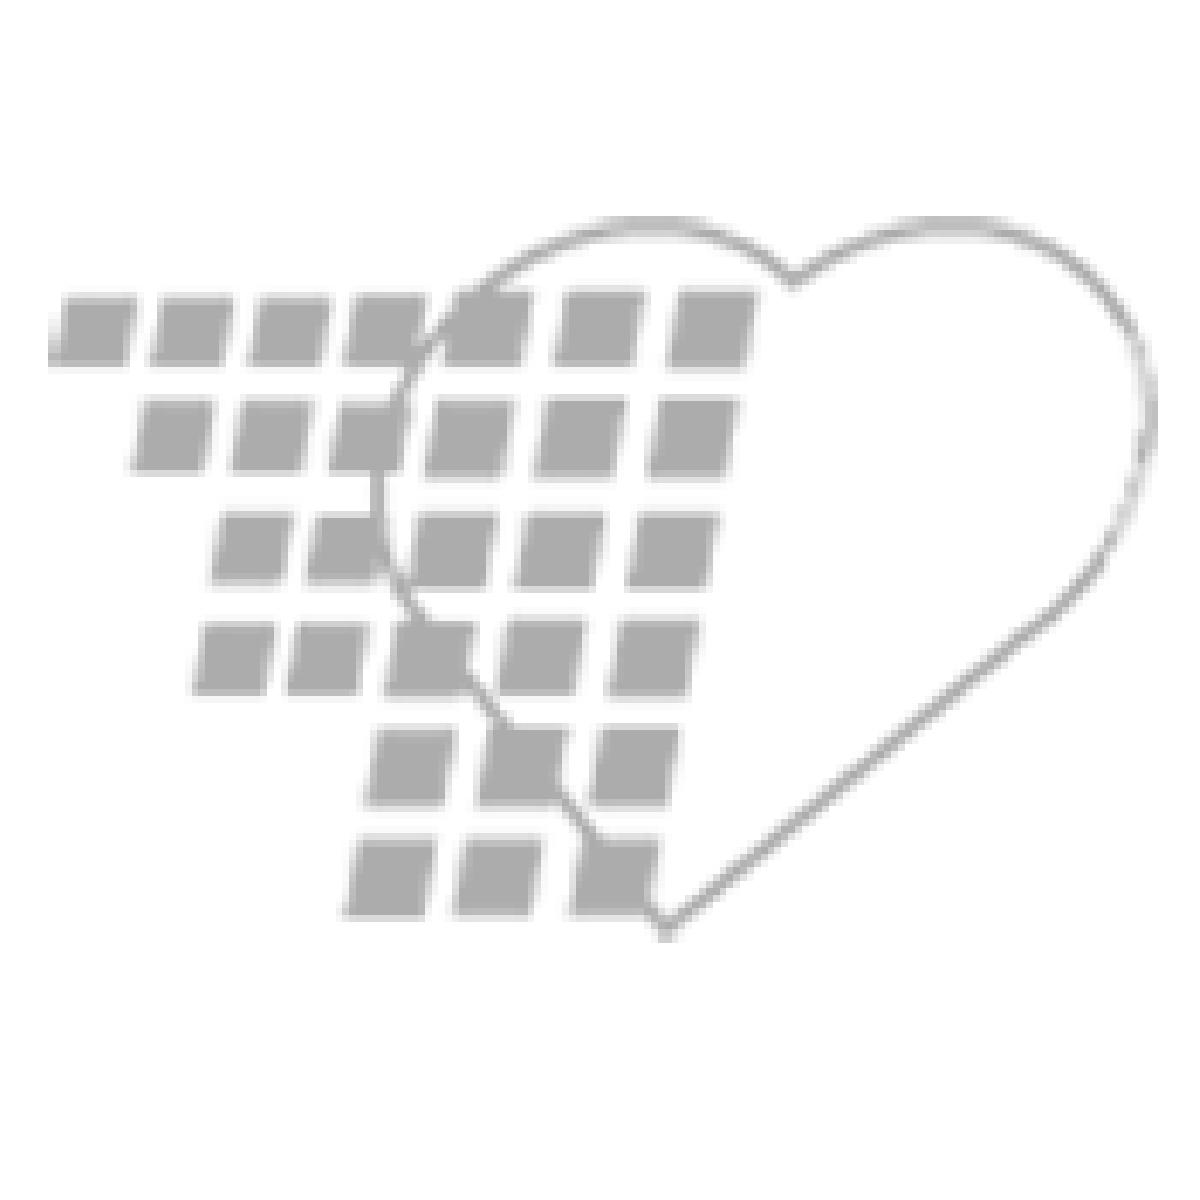 06-44-9906 - Pocket Nurse® Prefilled 5-Drawer Inserts Crash Cart Bundle